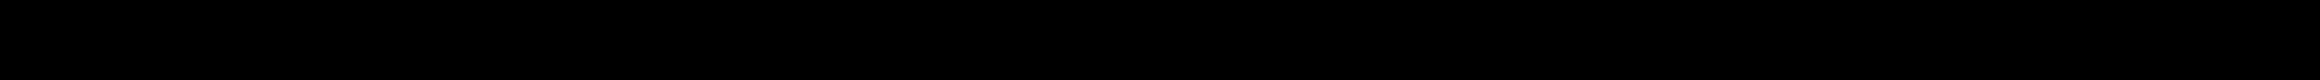 BOSCH 71730275, 34511165467, 8E0 907 597, 8E0 907 597, 34 51 1 165 467 Interruptor de presión, hidráulica de freno